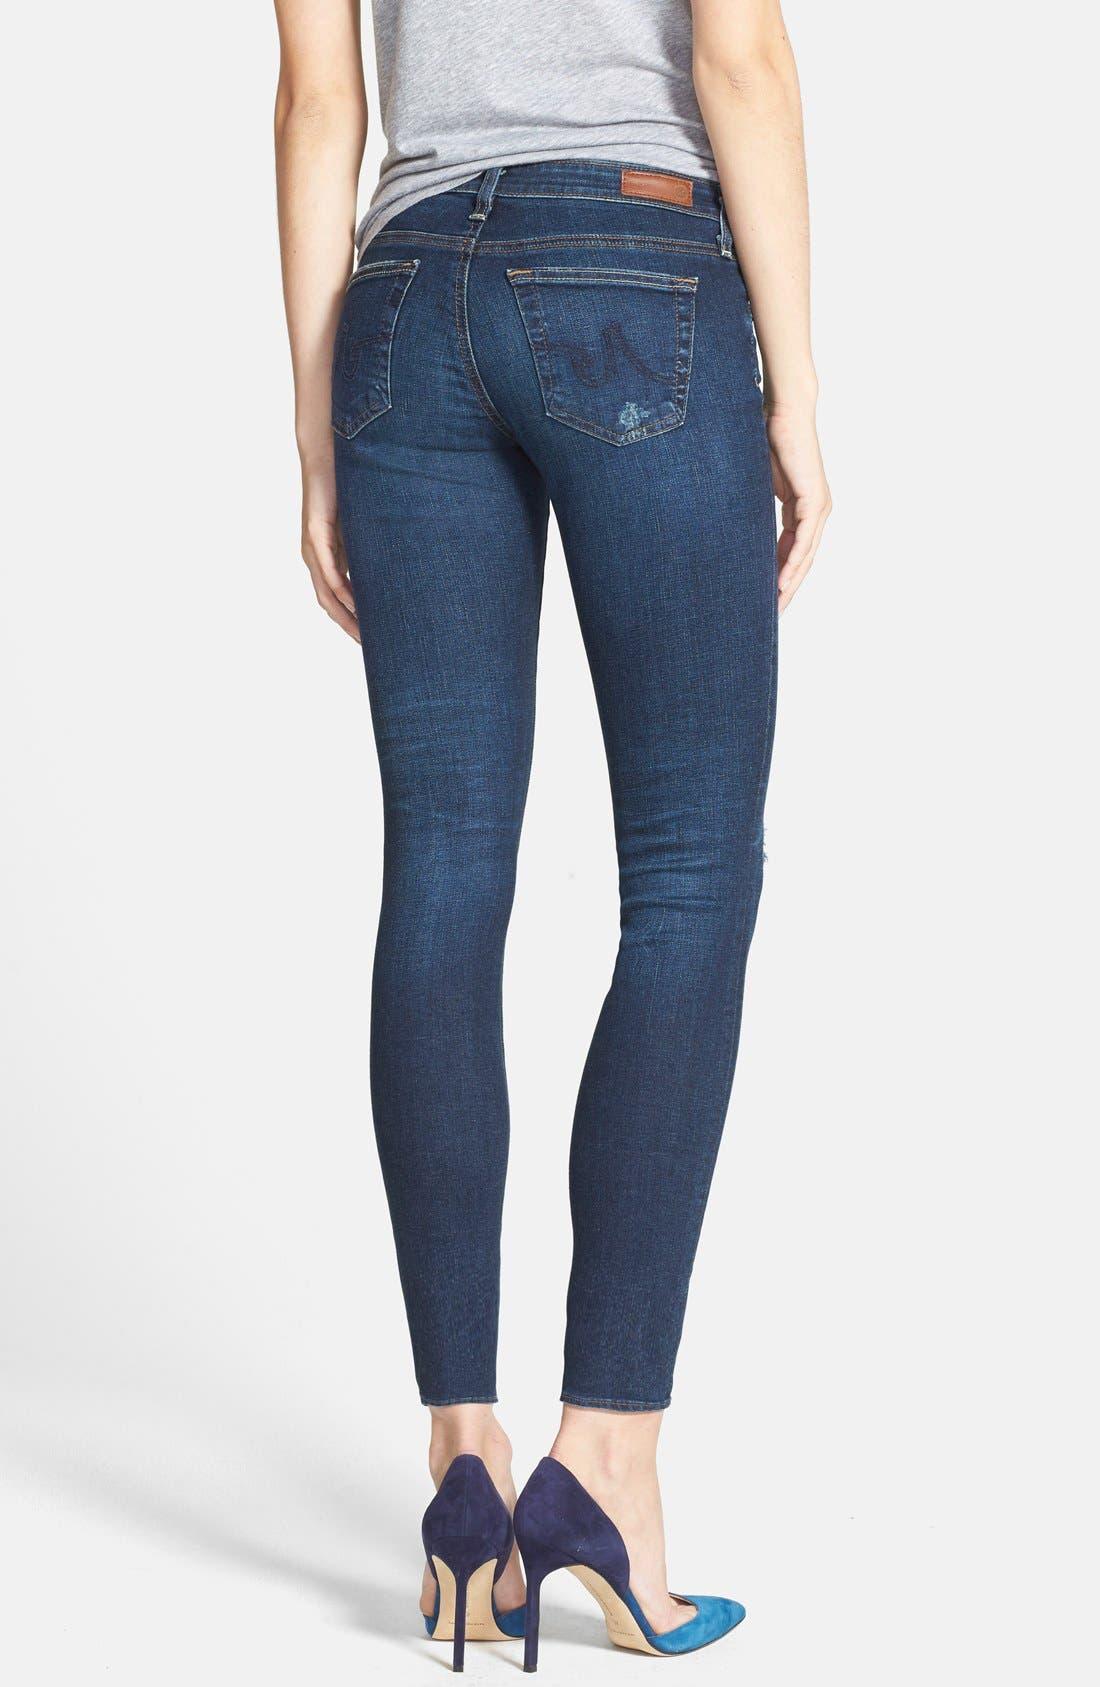 Alternate Image 2  - AG 'The Legging' Ankle Jeans (4 Year Fog)